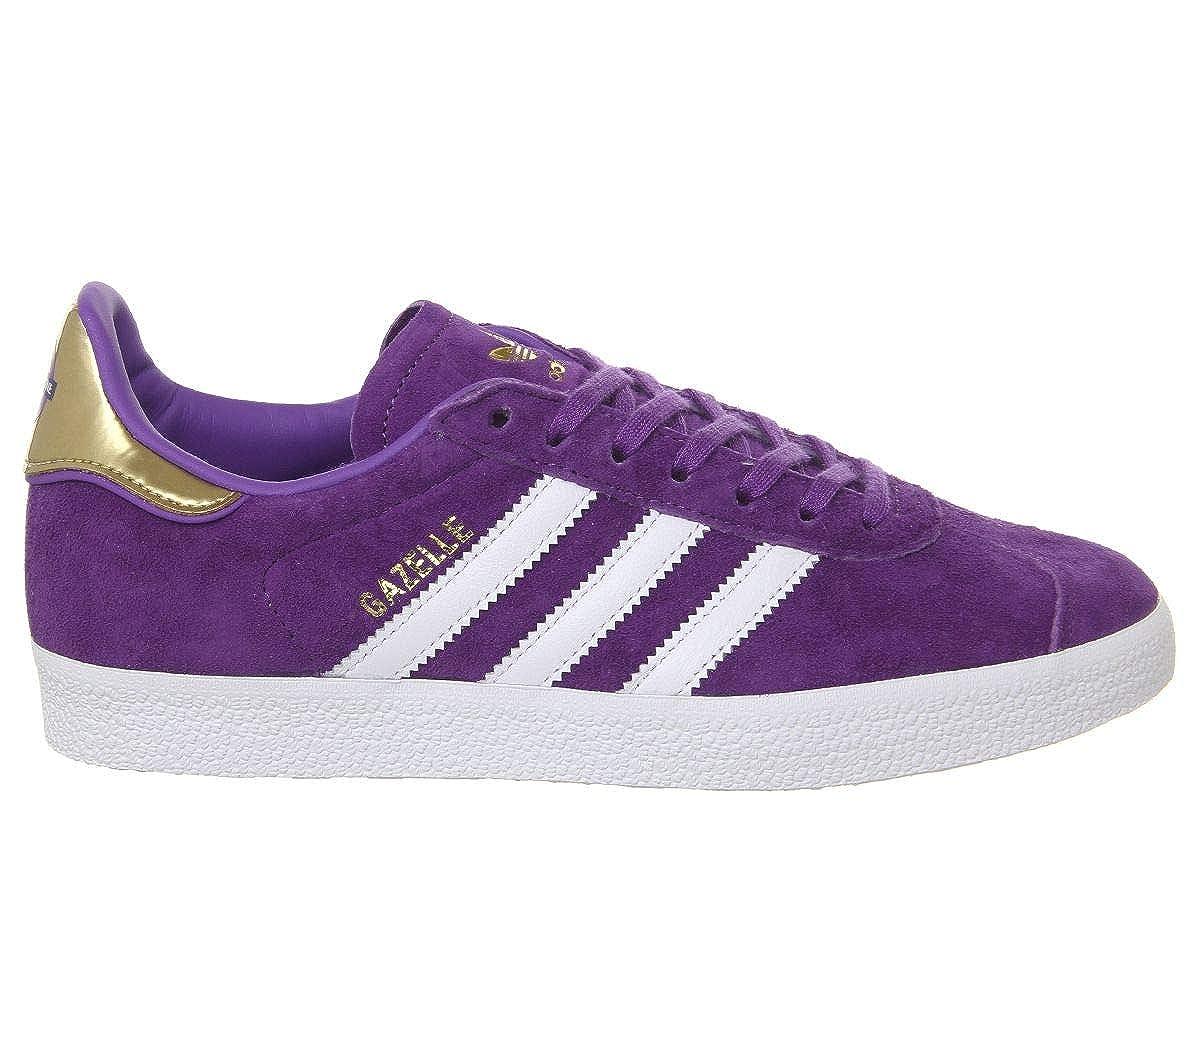 Unisex 23 Low Eu Adidas Adult TopBlack40 Gazelle OPk0NwZ8nX